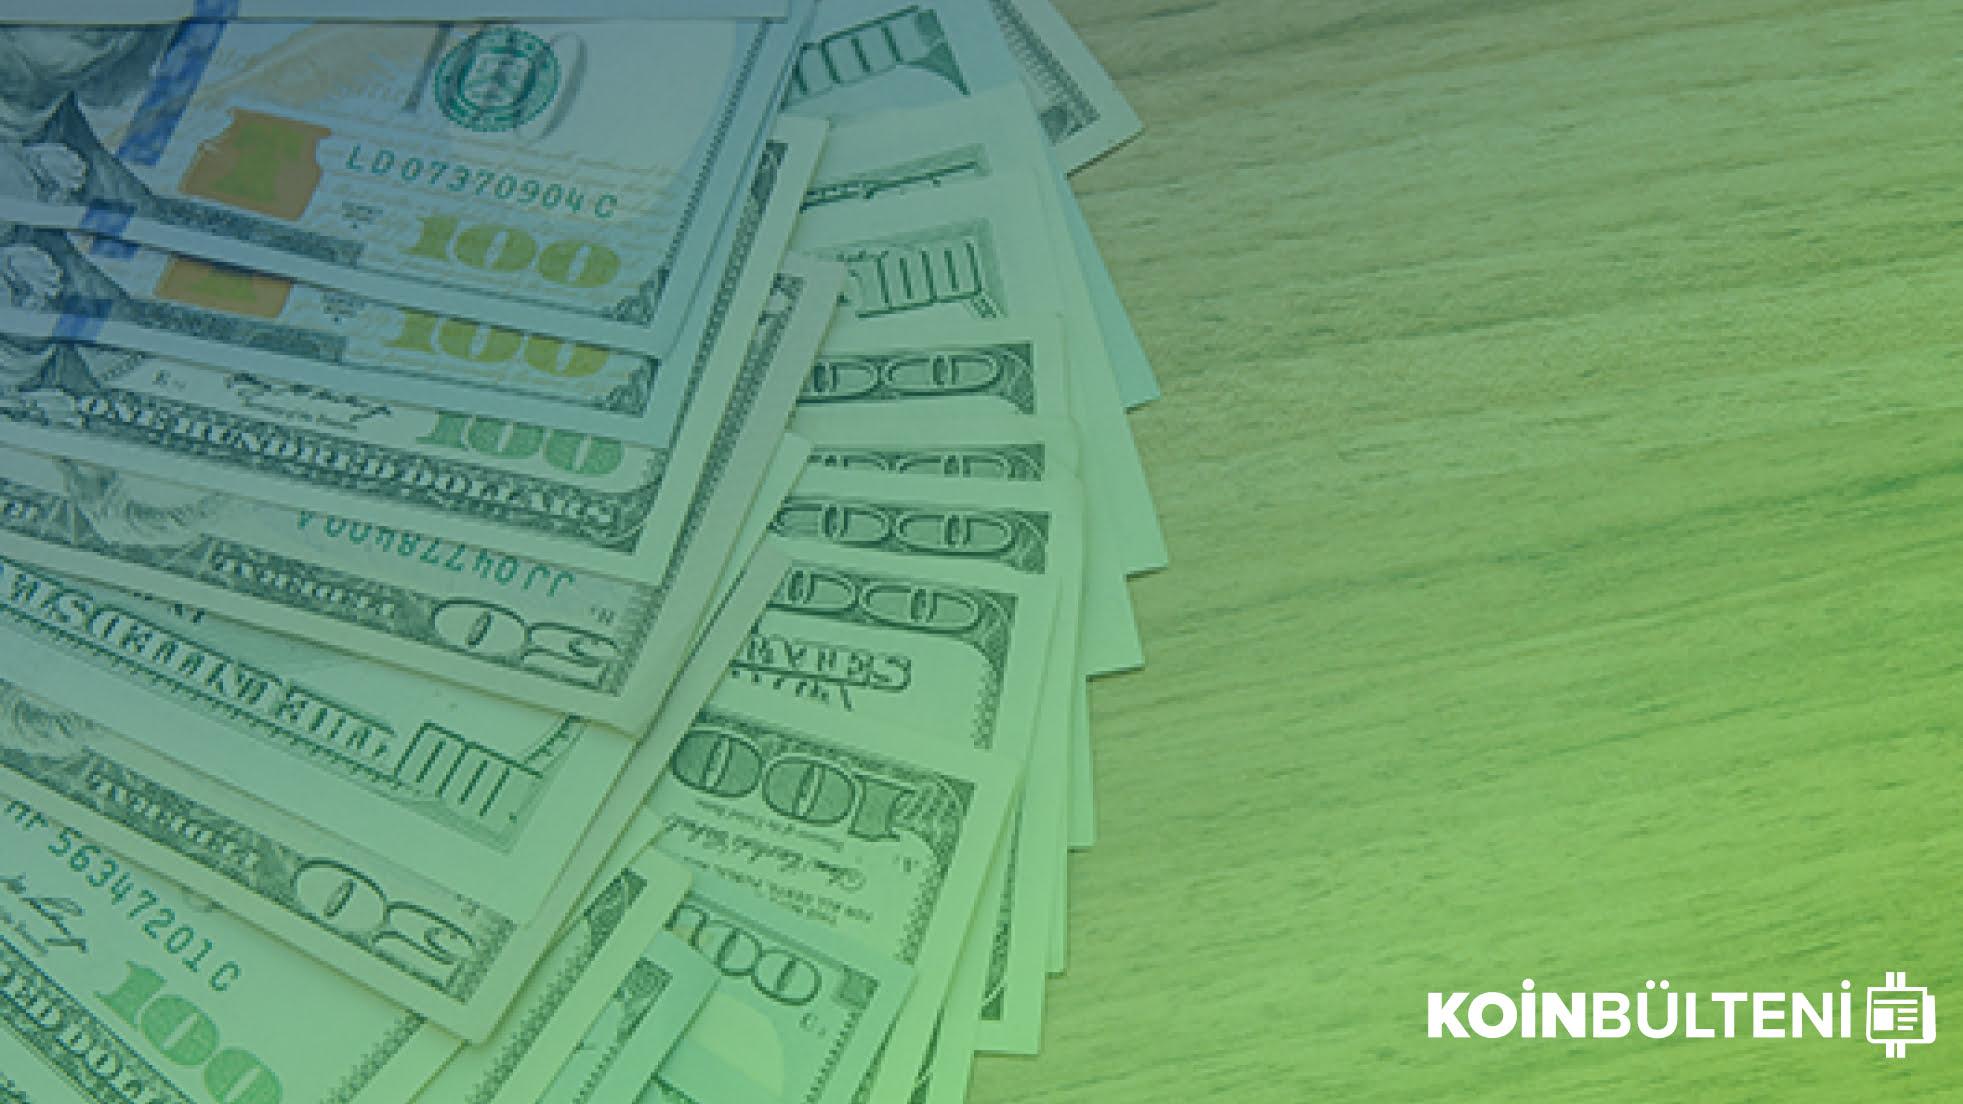 Bitcoin borsası OKEX